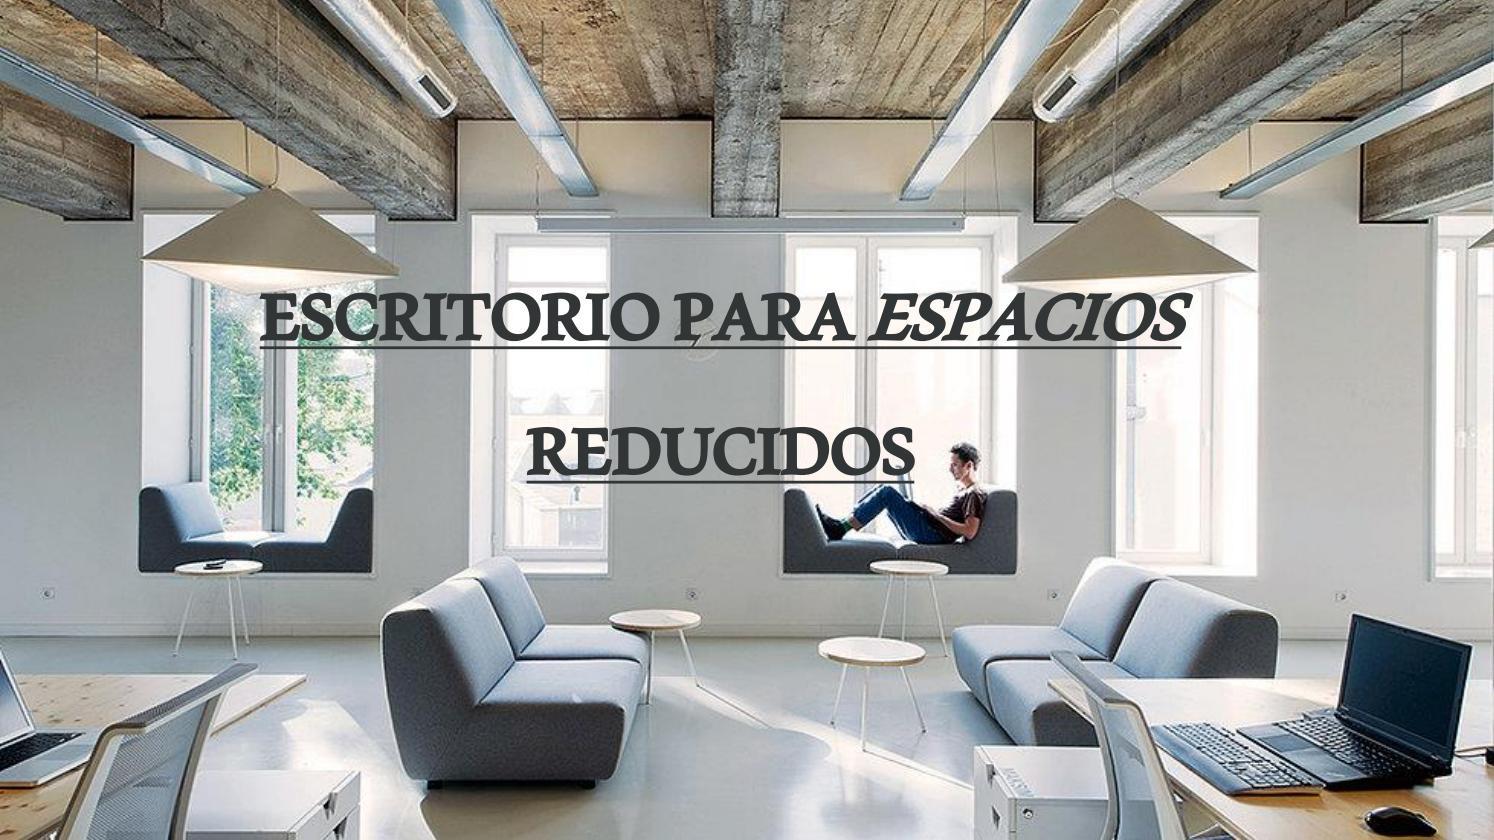 Escritorio para espacios reducidos by dise o industrial 3a issuu - Escritorios espacios pequenos ...